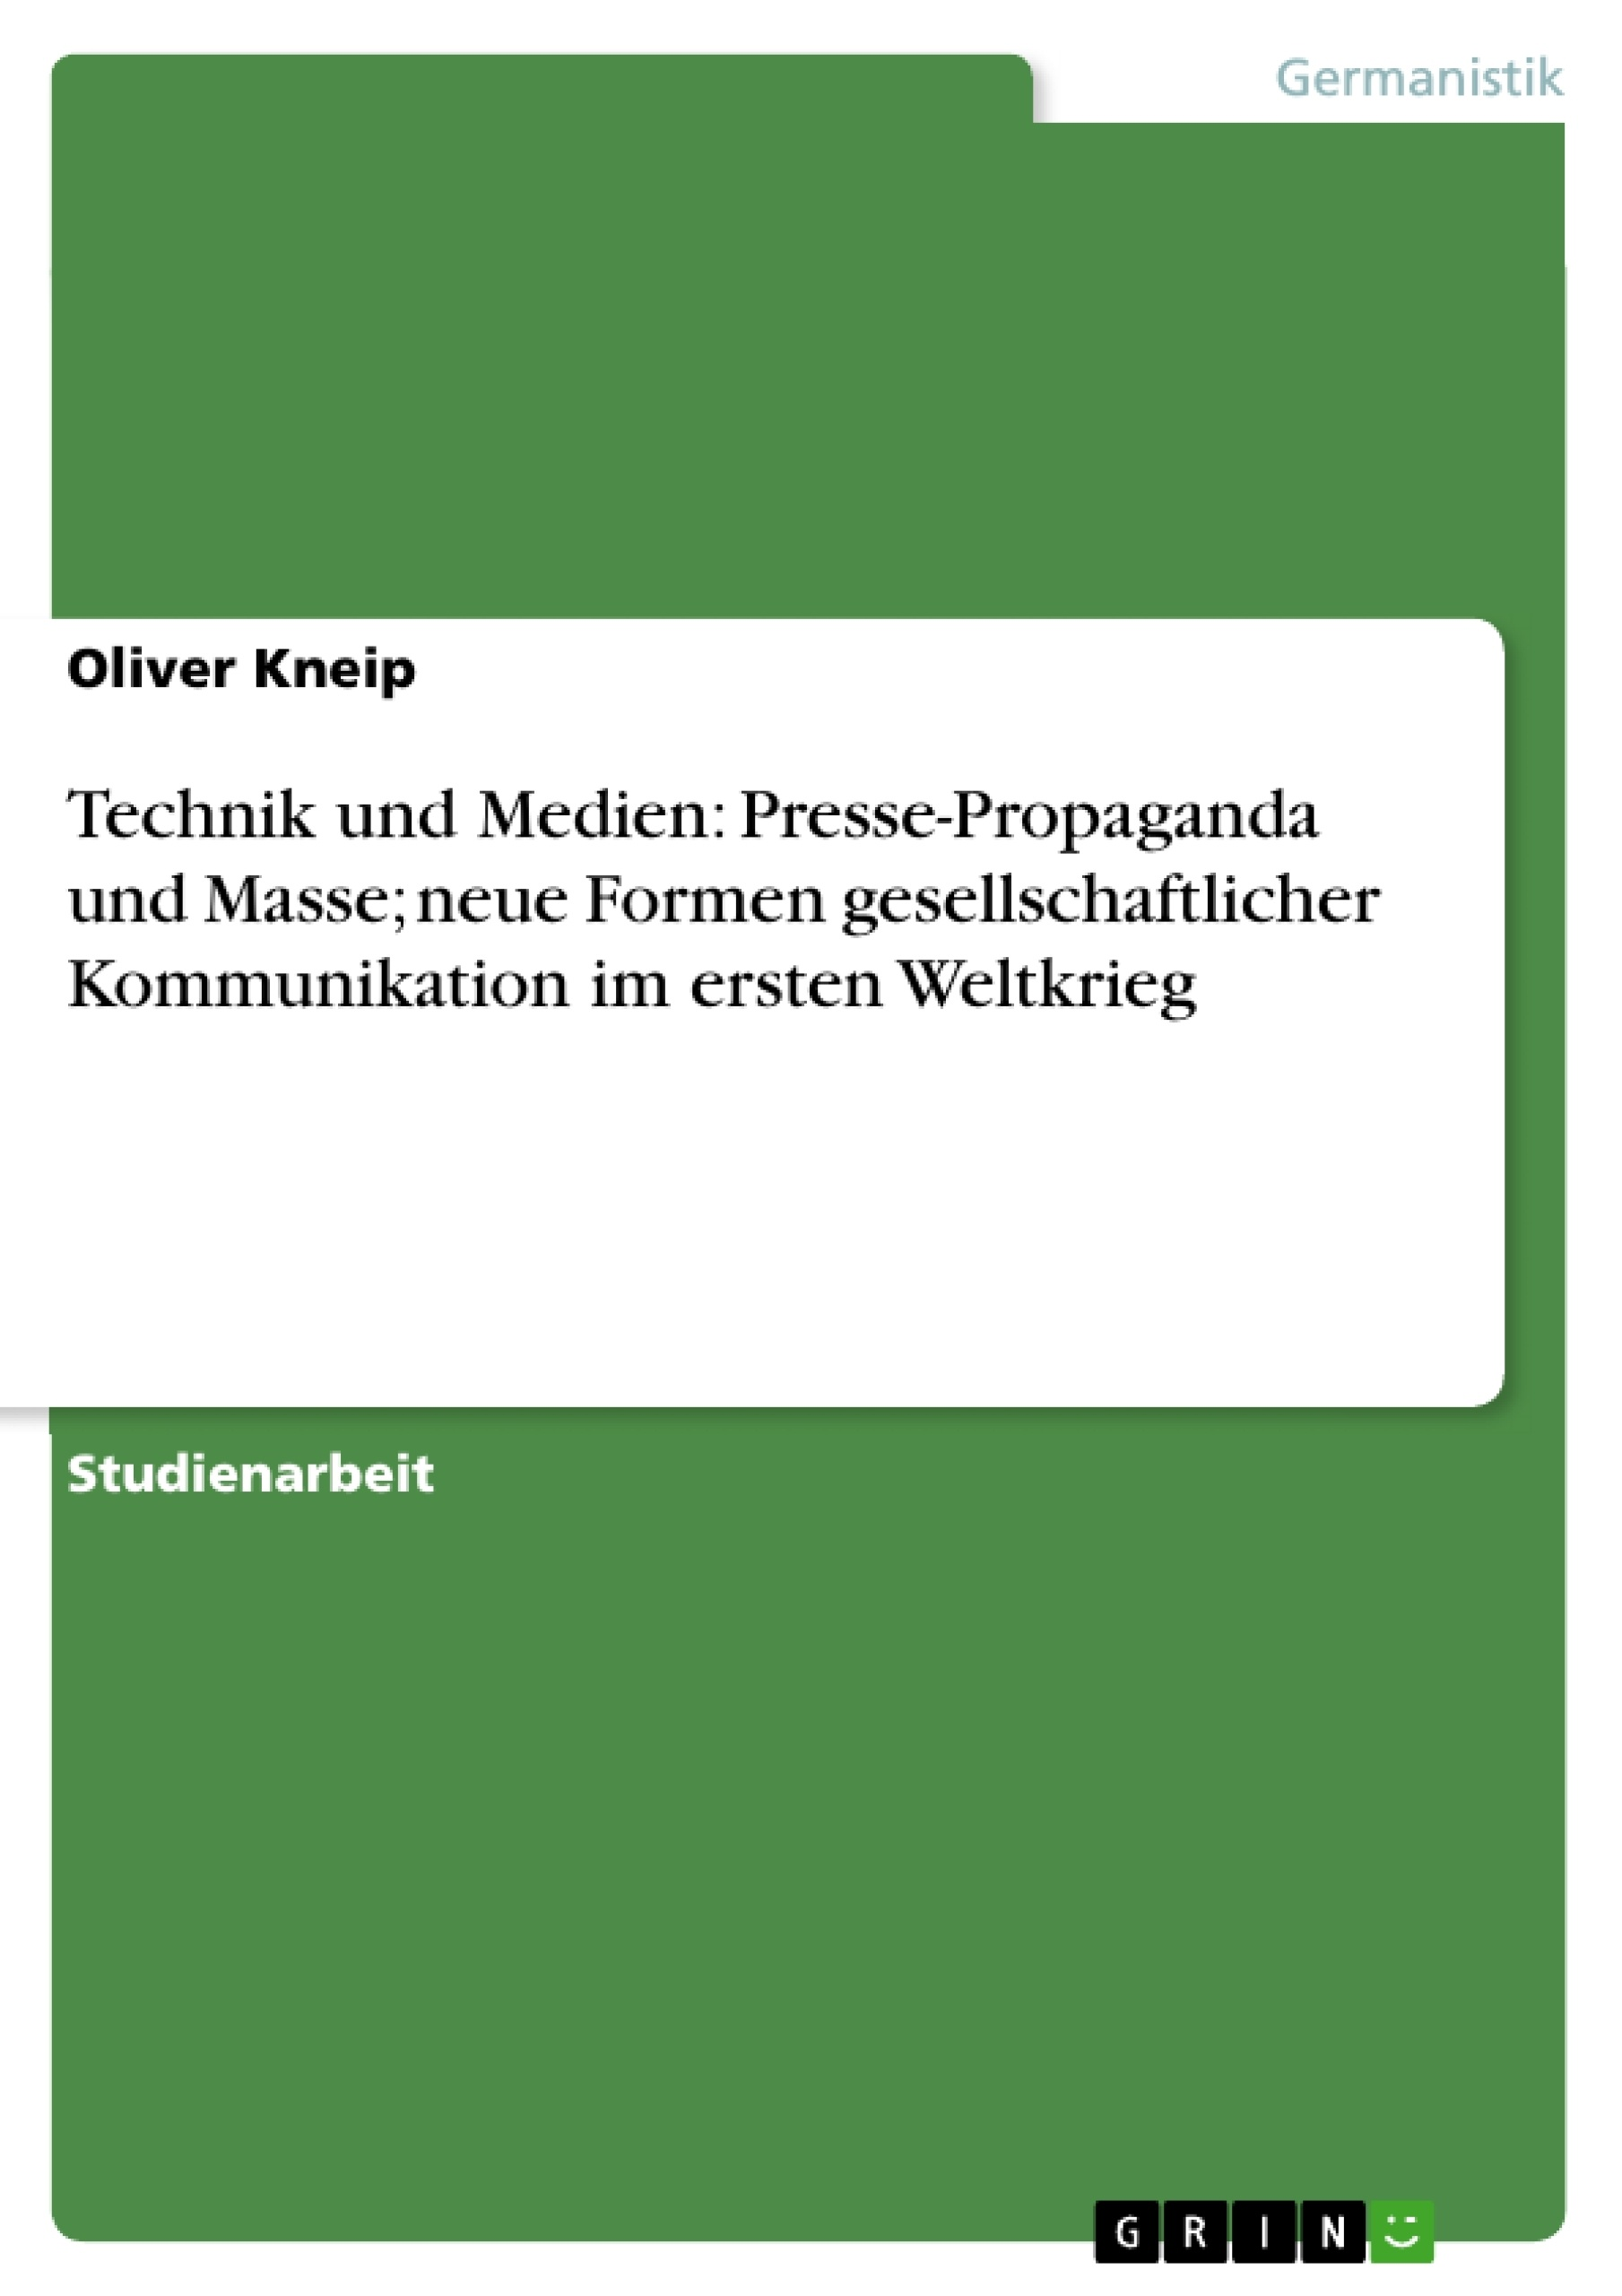 Titel: Technik und Medien: Presse-Propaganda und Masse; neue Formen gesellschaftlicher Kommunikation im ersten Weltkrieg